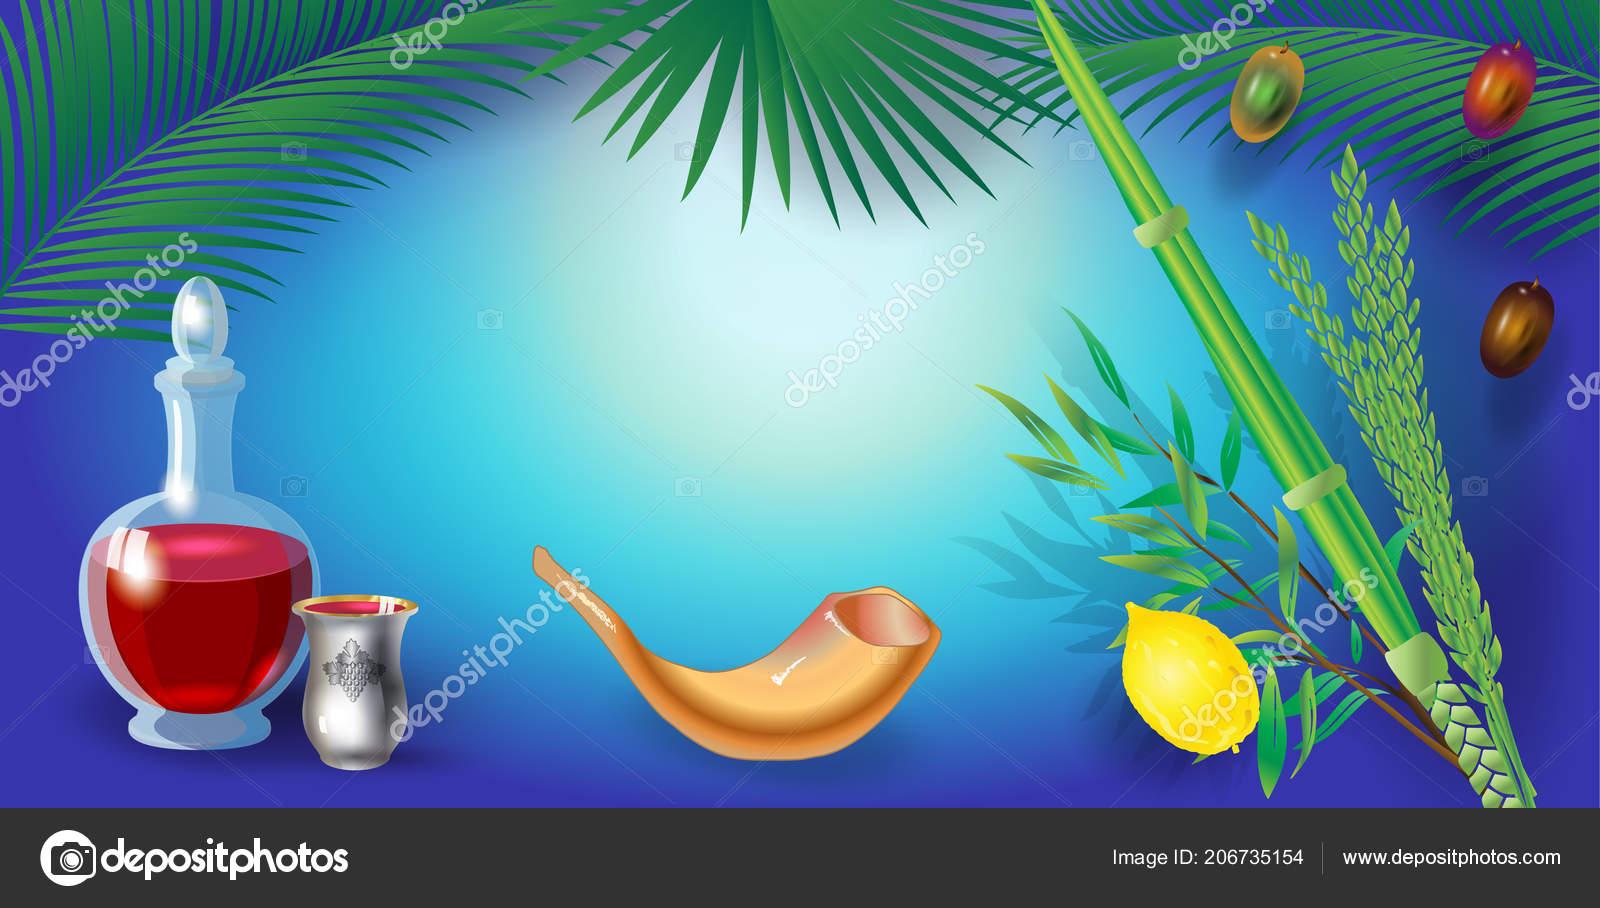 Happy sukkot festival greeting card frame lulav etrog shofar palm happy sukkot festival greeting card frame with lulav etrog shofar palm tree leaves frame trendy design jewish holiday rosh hashana shana tova sukkot m4hsunfo